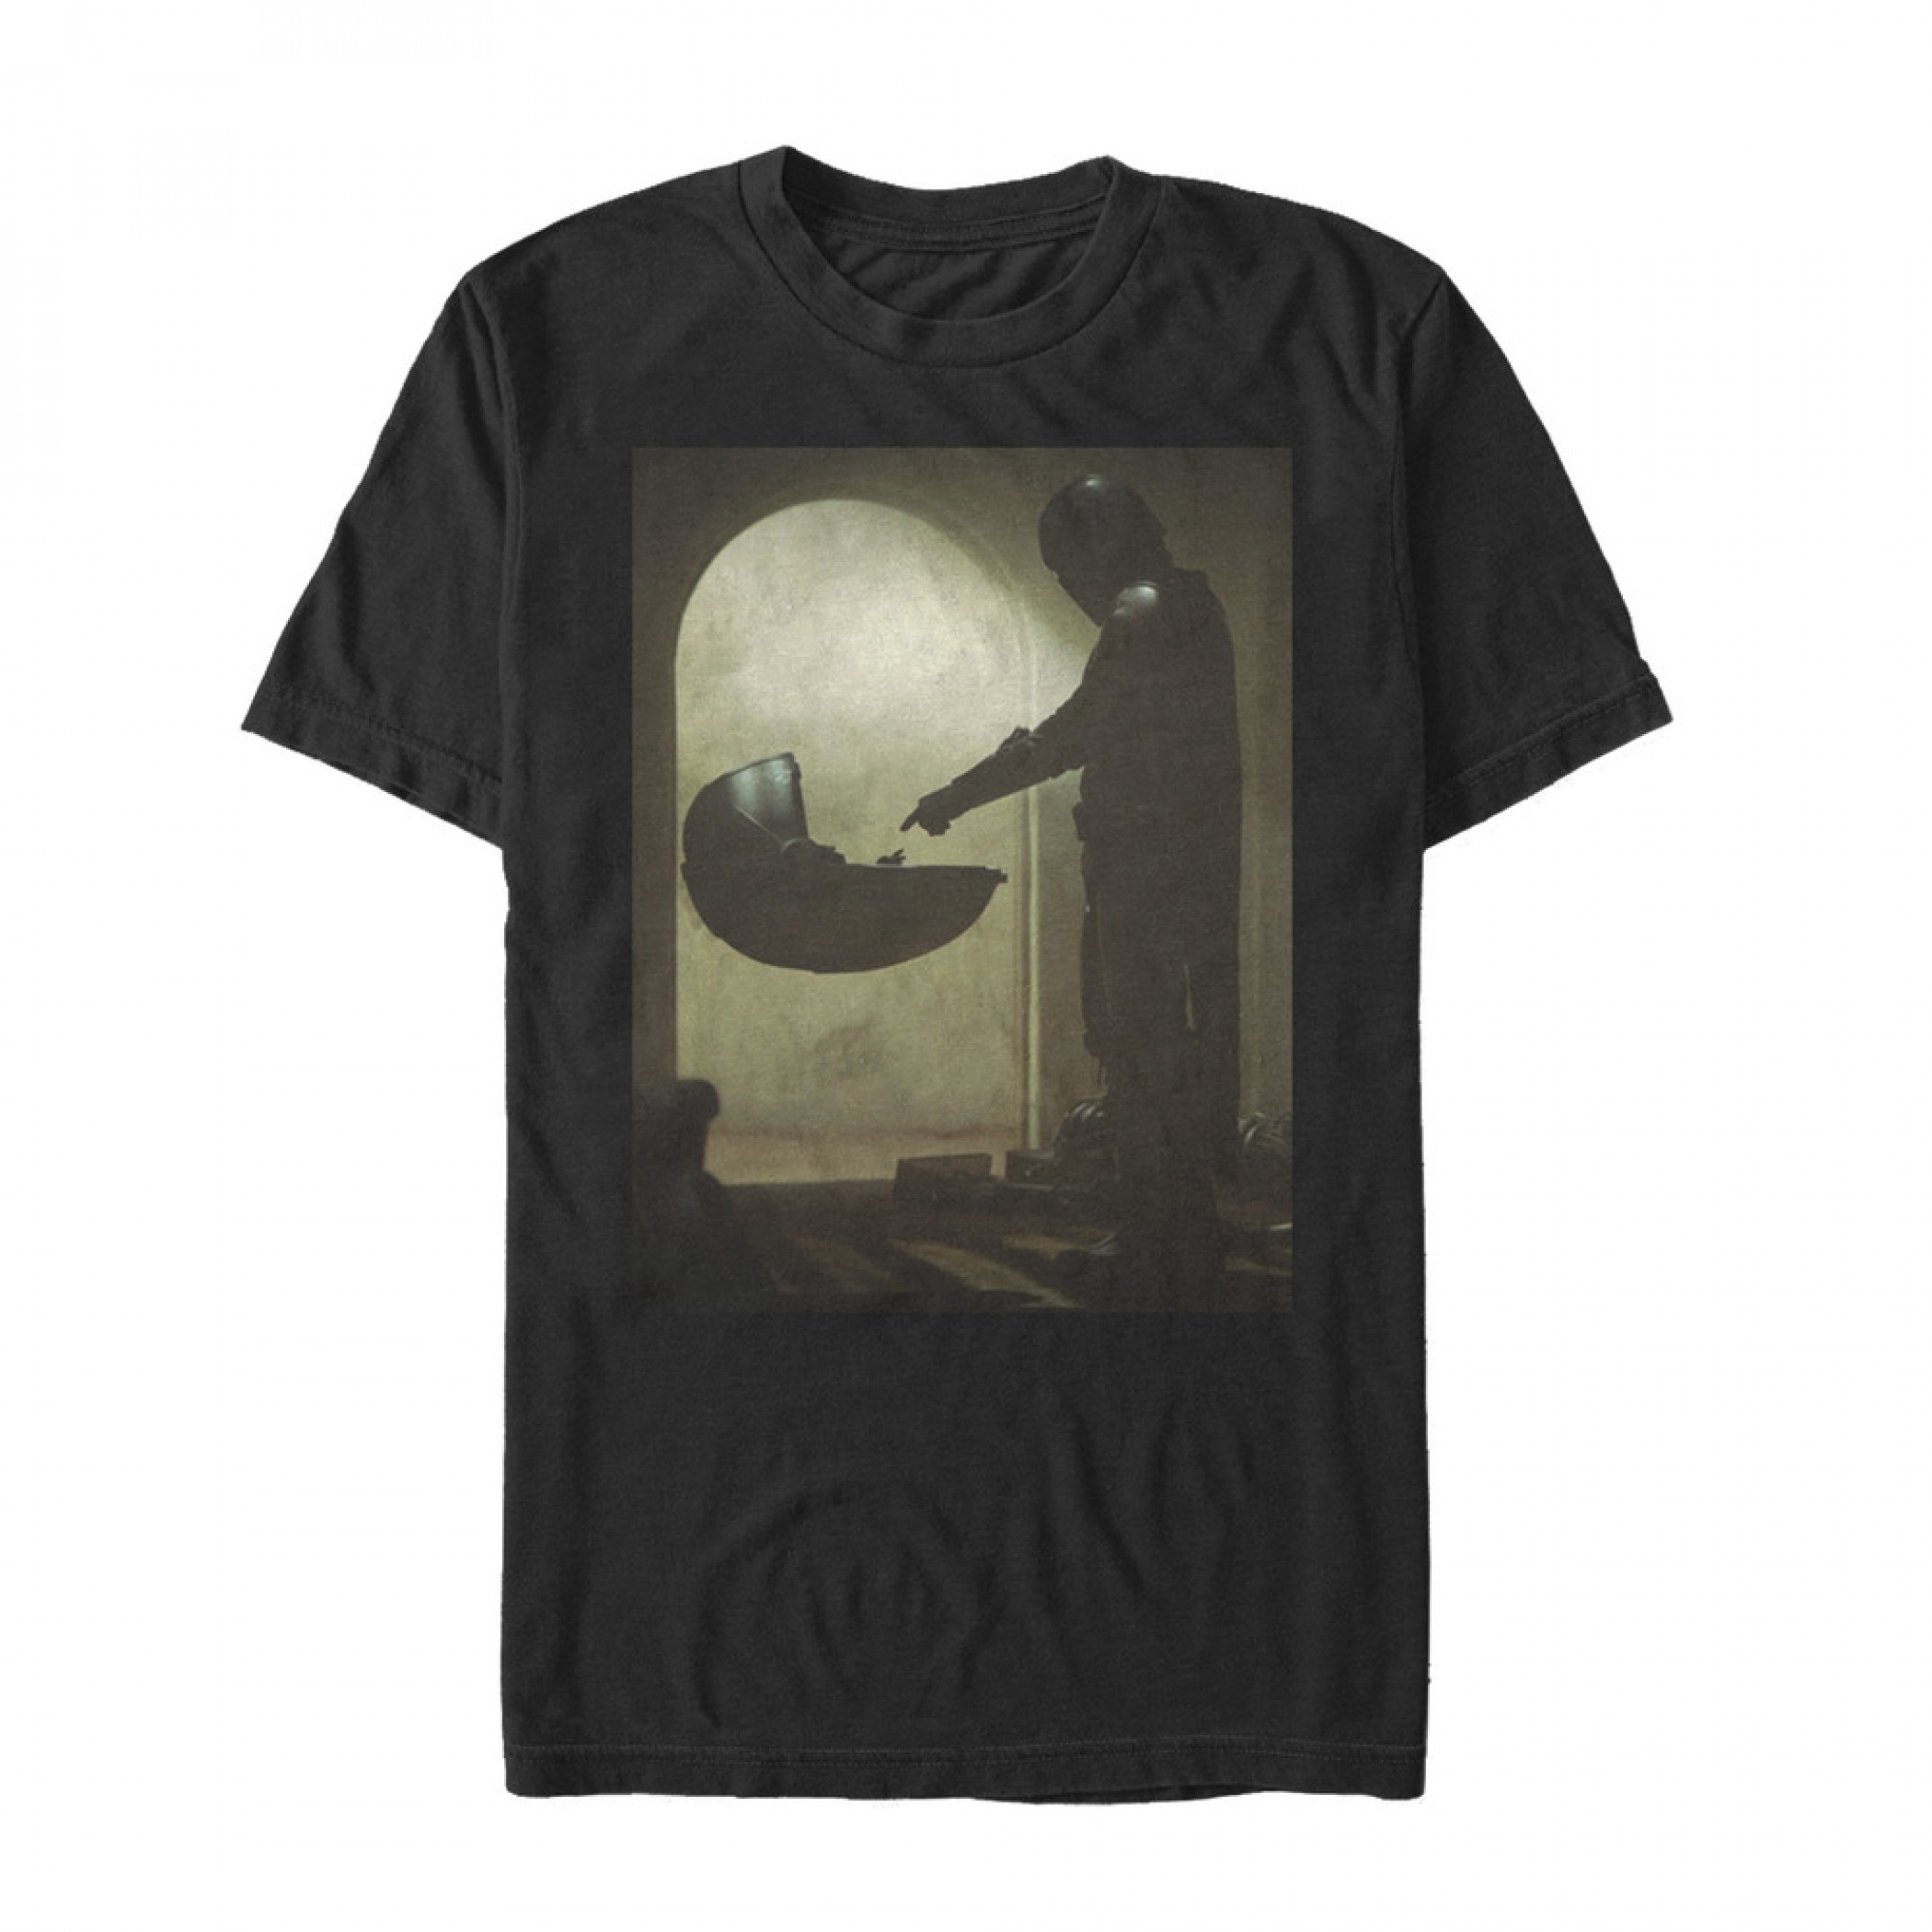 The Mandalorian First Meet Black T-Shirt